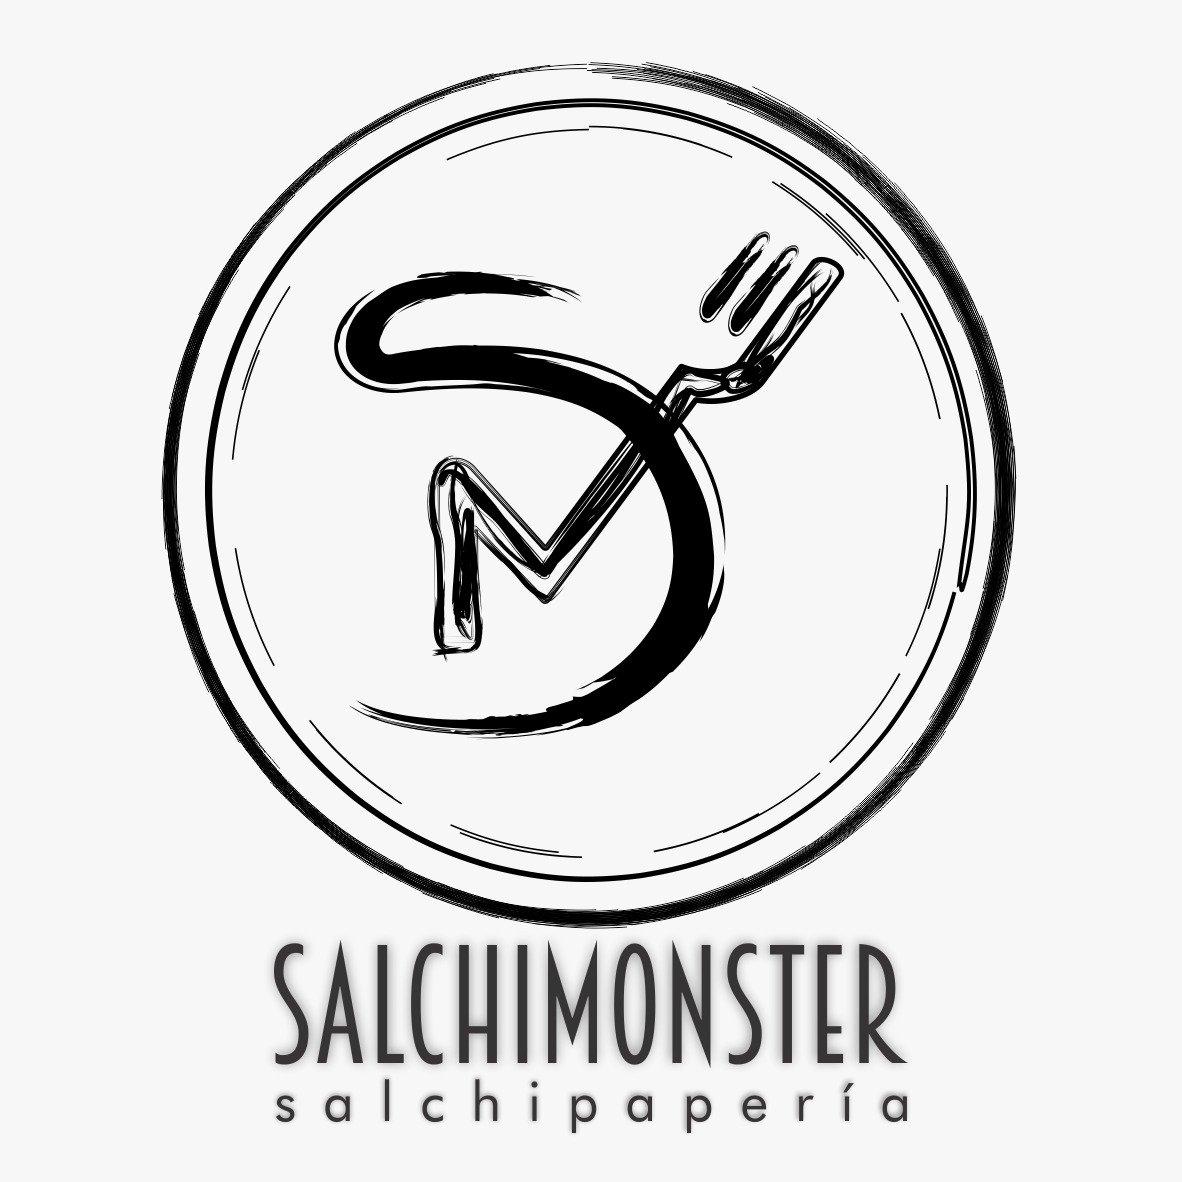 Salchimonster